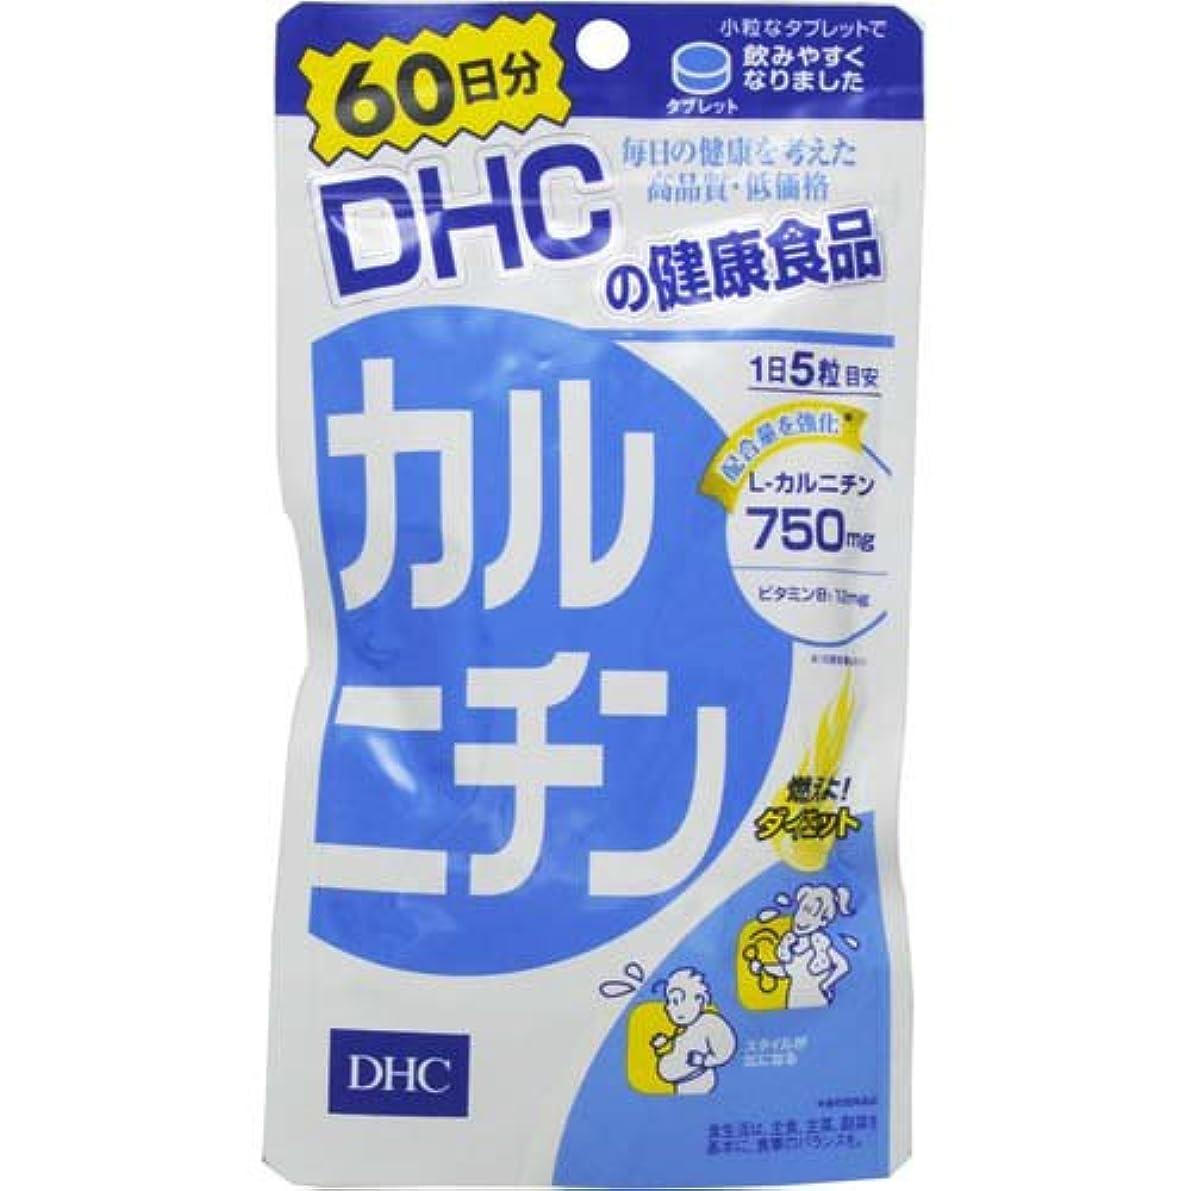 インフレーションキャプテンブライ引退するDHC カルニチン 60日分 300粒